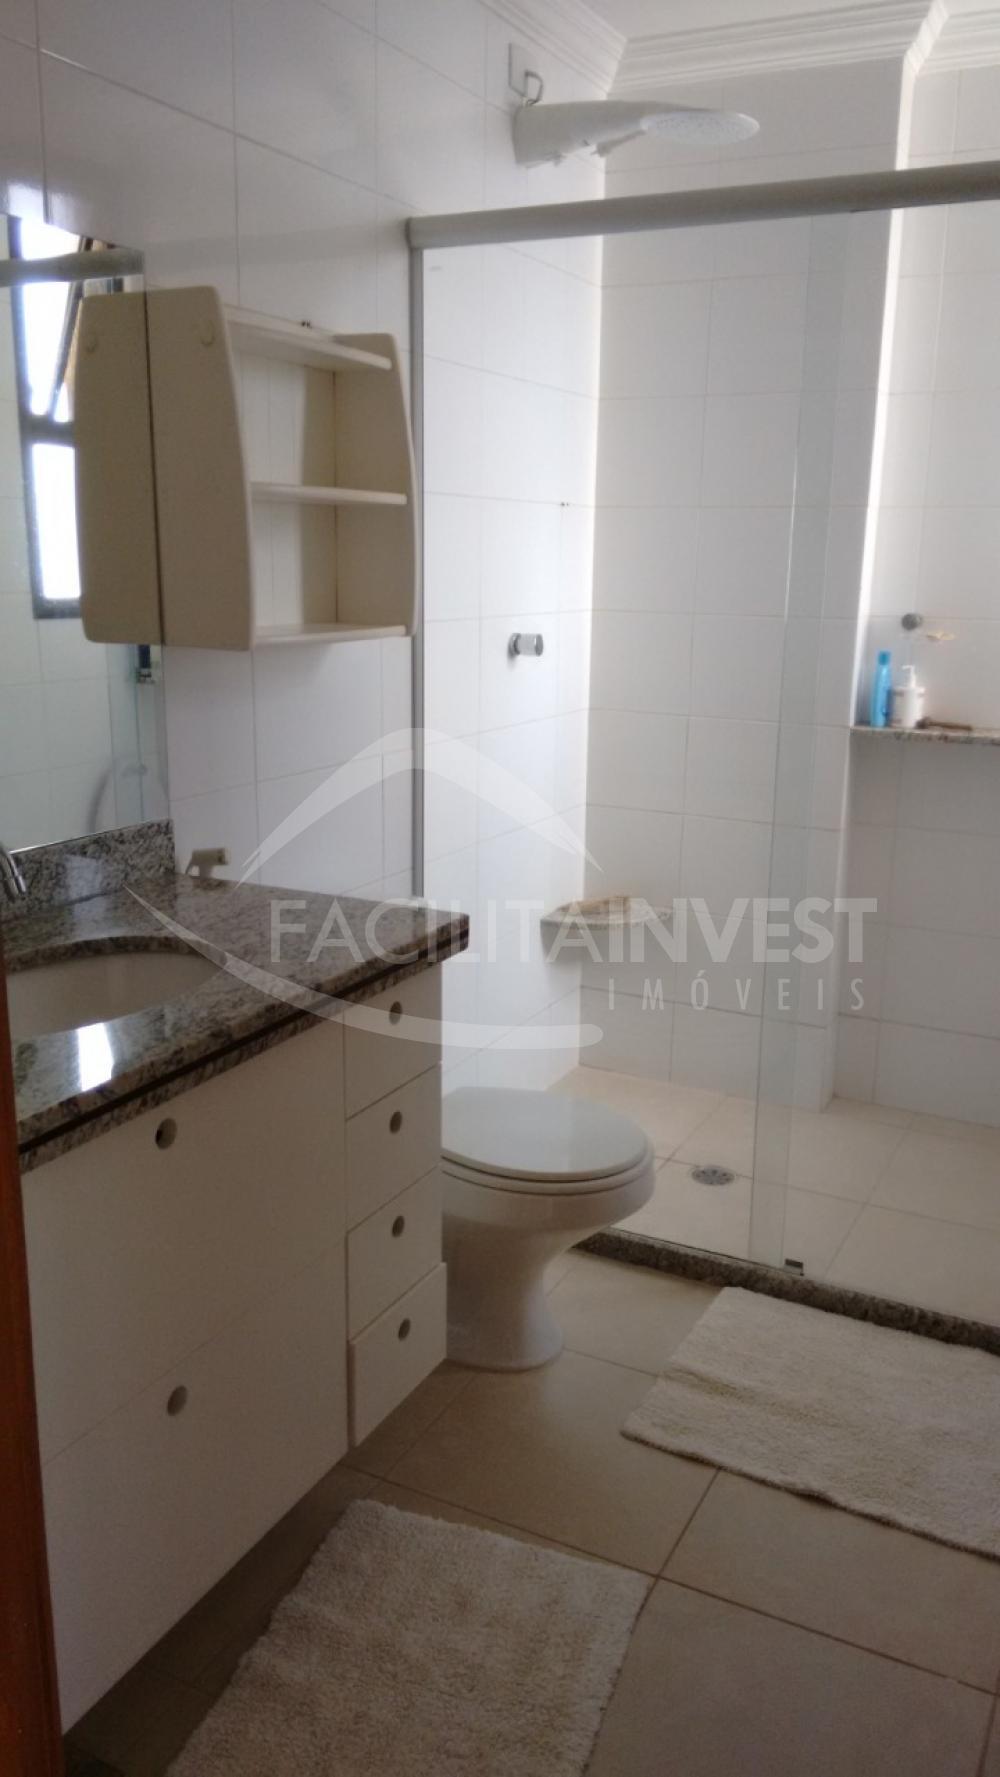 Comprar Apartamentos / Apart. Padrão em Ribeirão Preto apenas R$ 585.000,00 - Foto 5